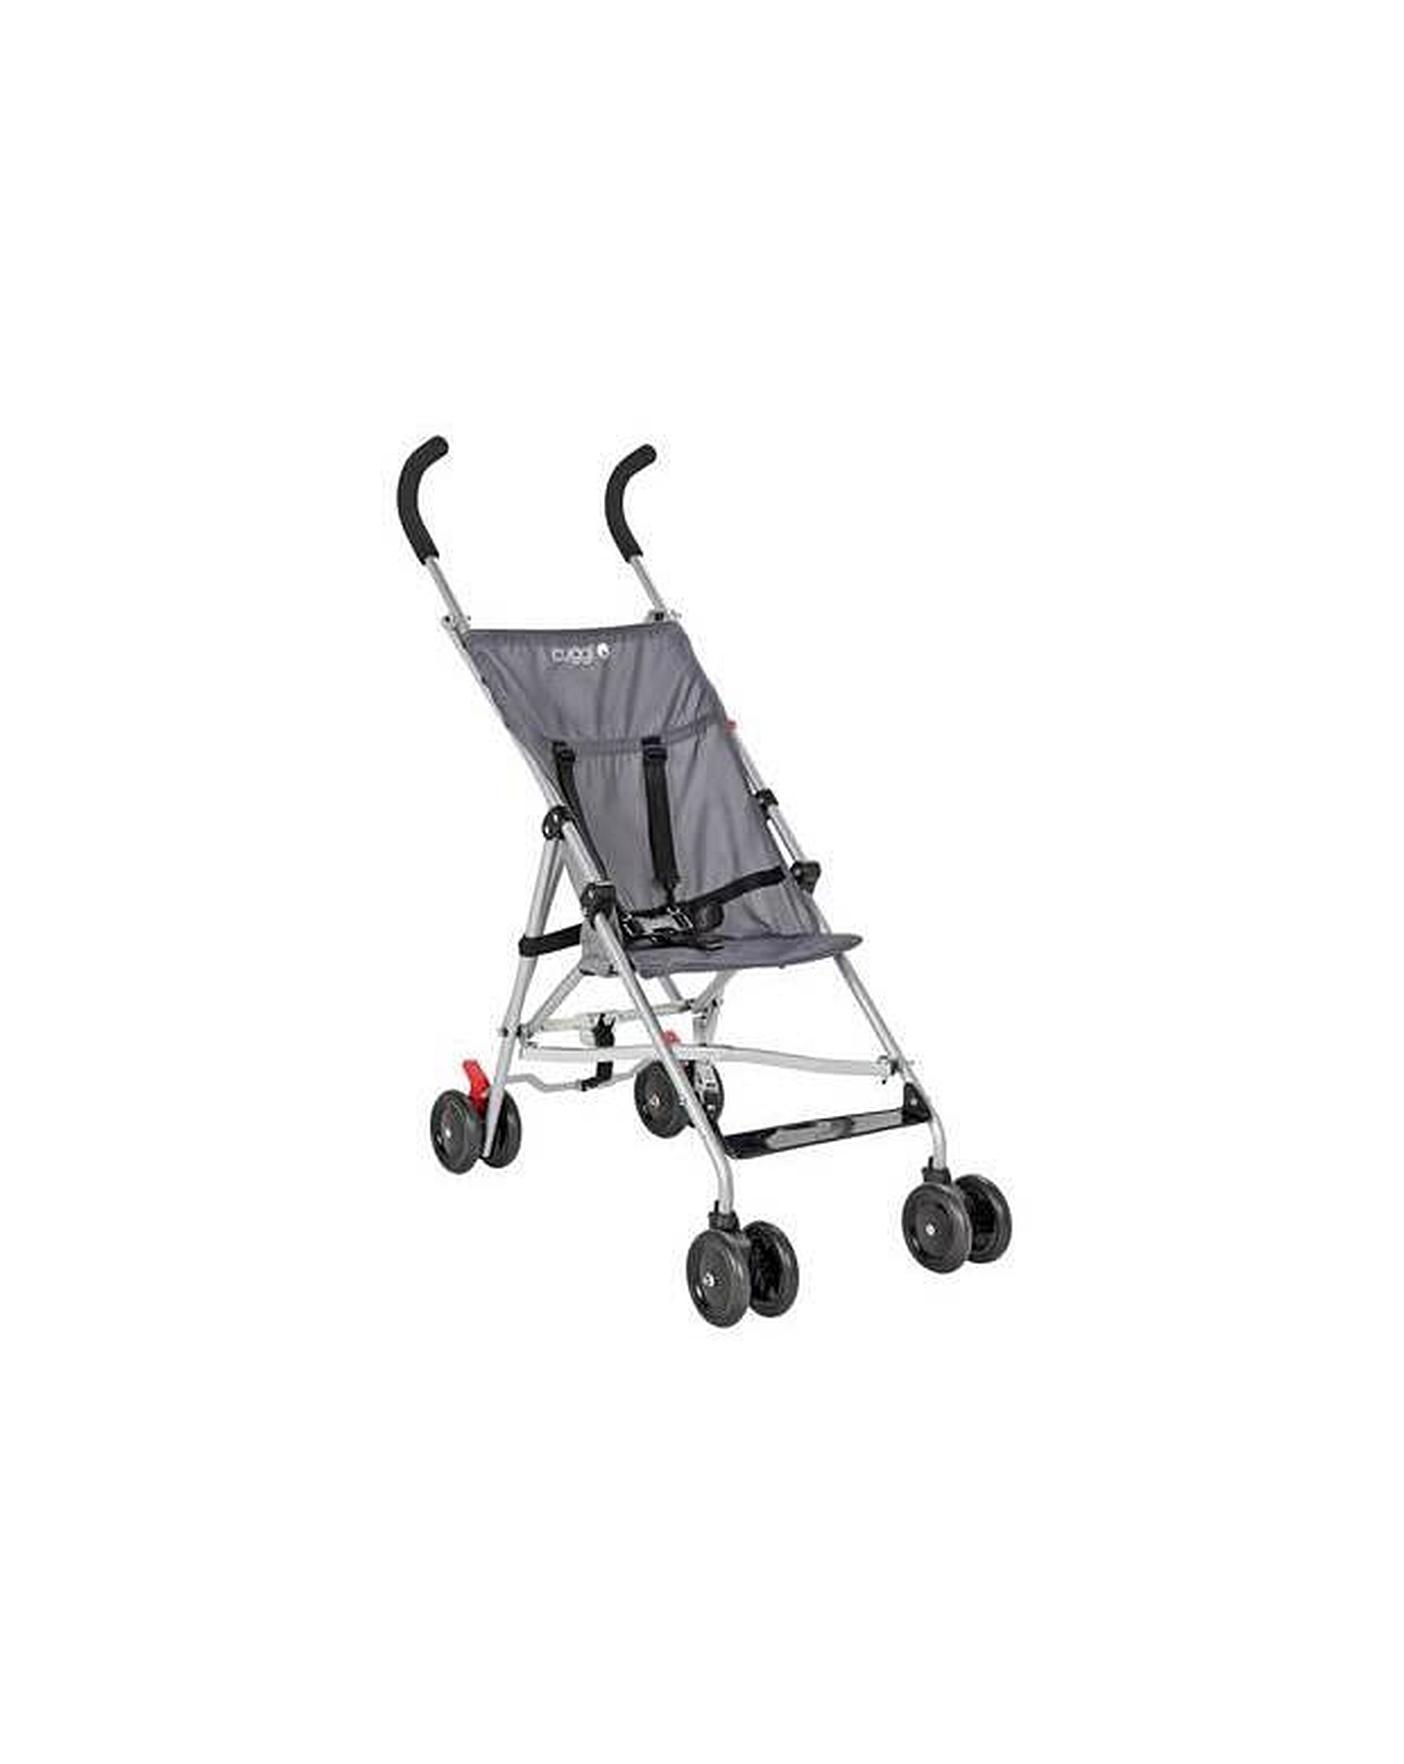 Cuggl Birch Stroller